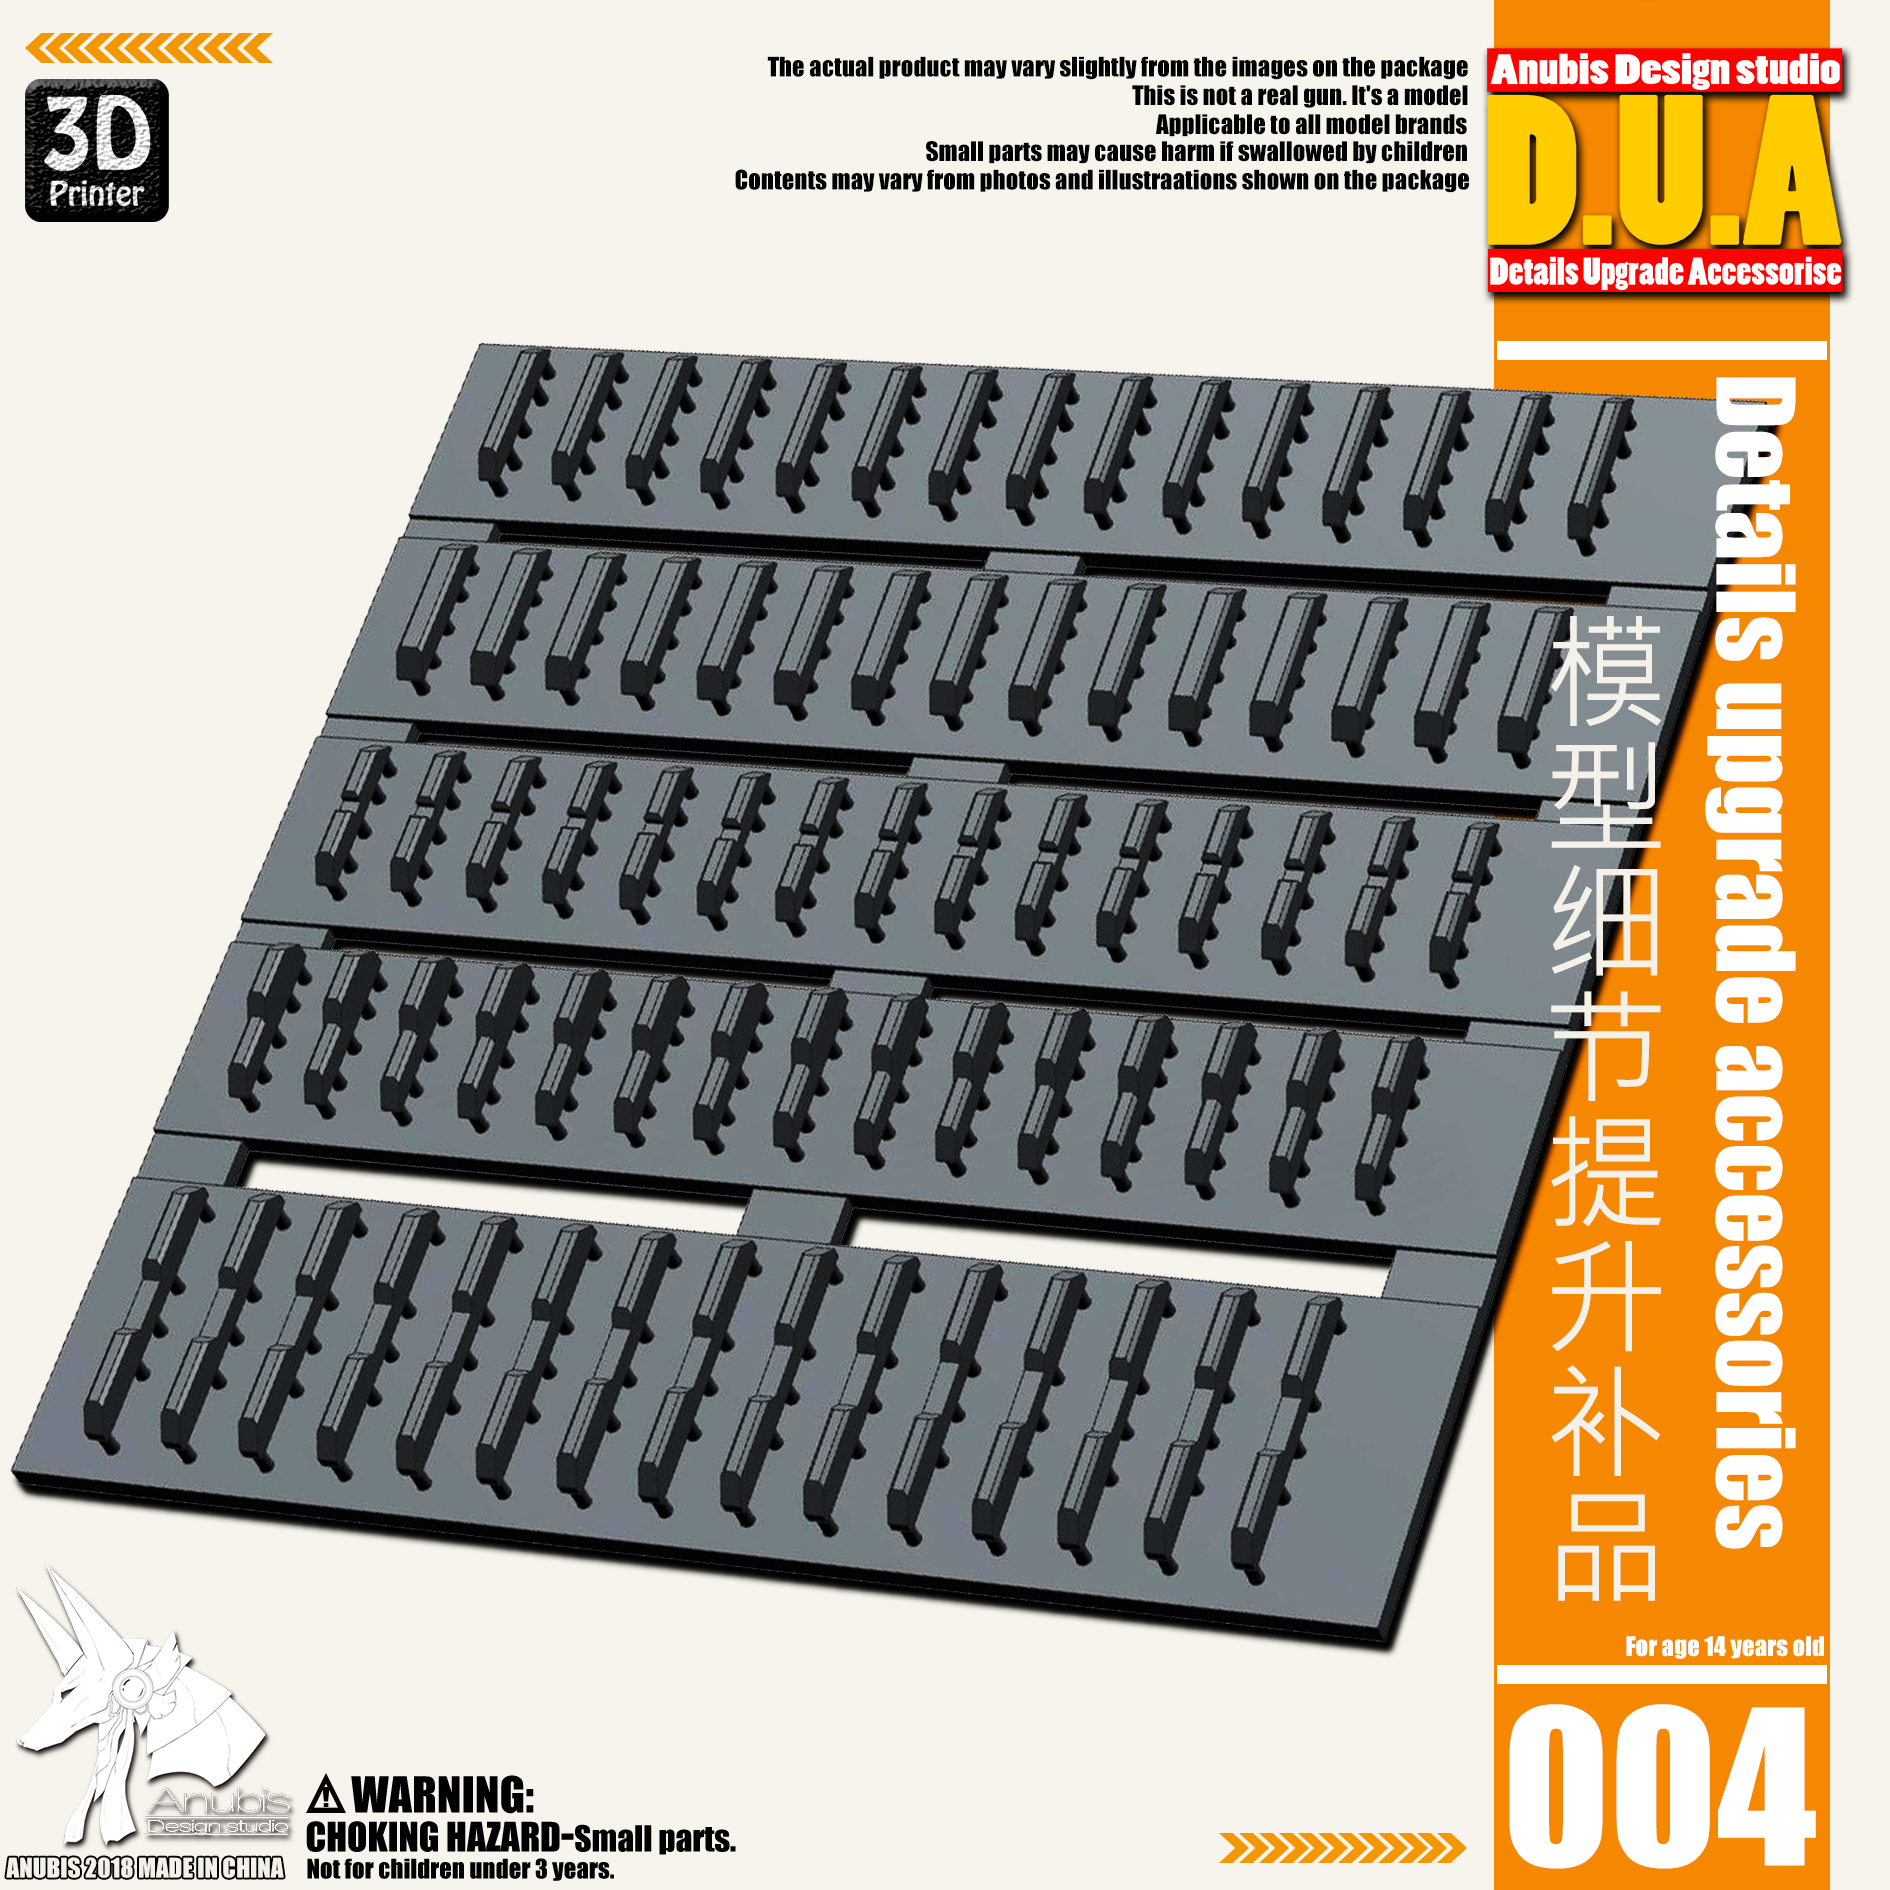 G413_DUA004_001.jpg